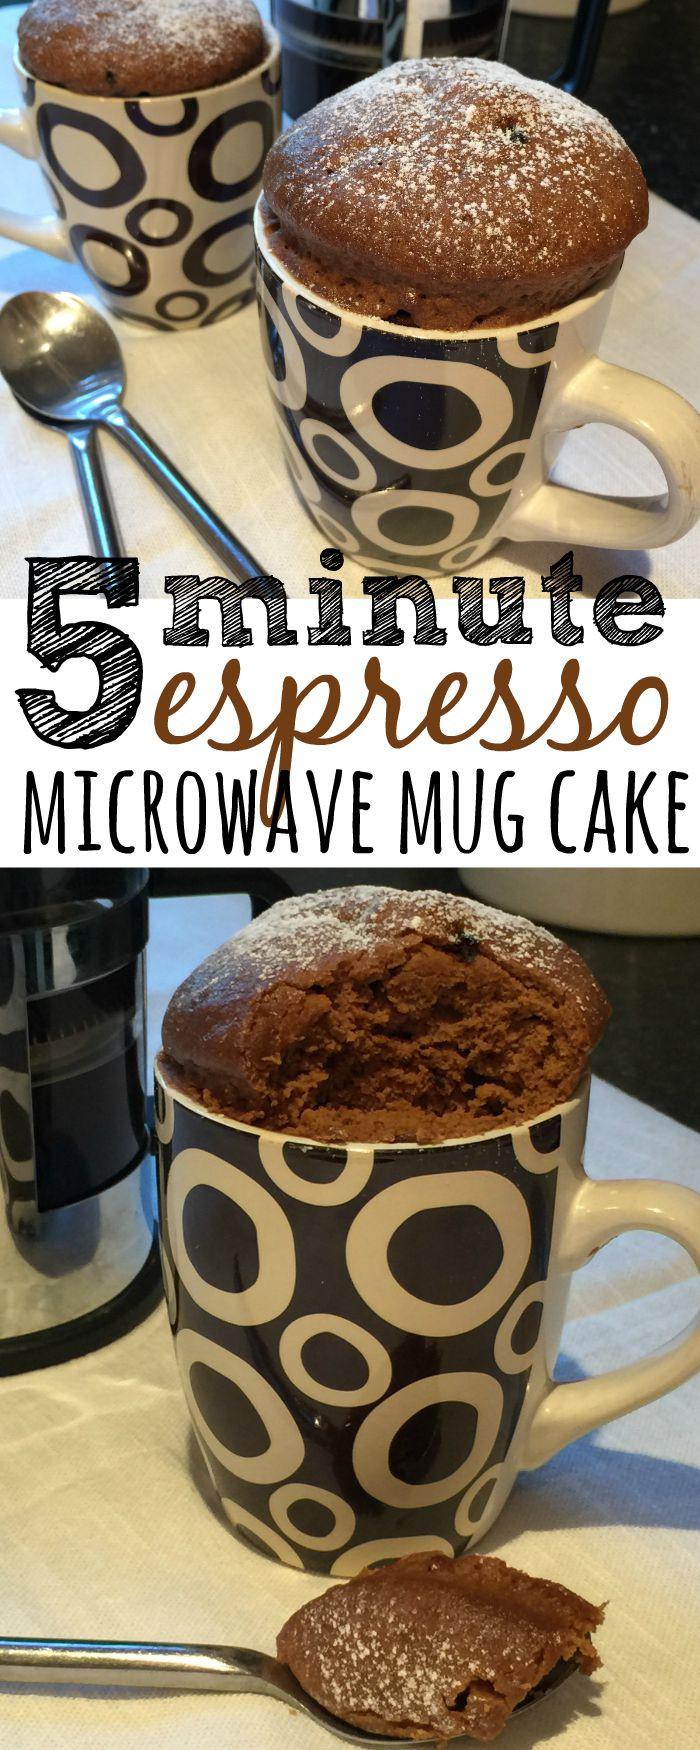 Microwave Mug Cake  Espresso Microwave Mug Cake Recipe Skint Dad